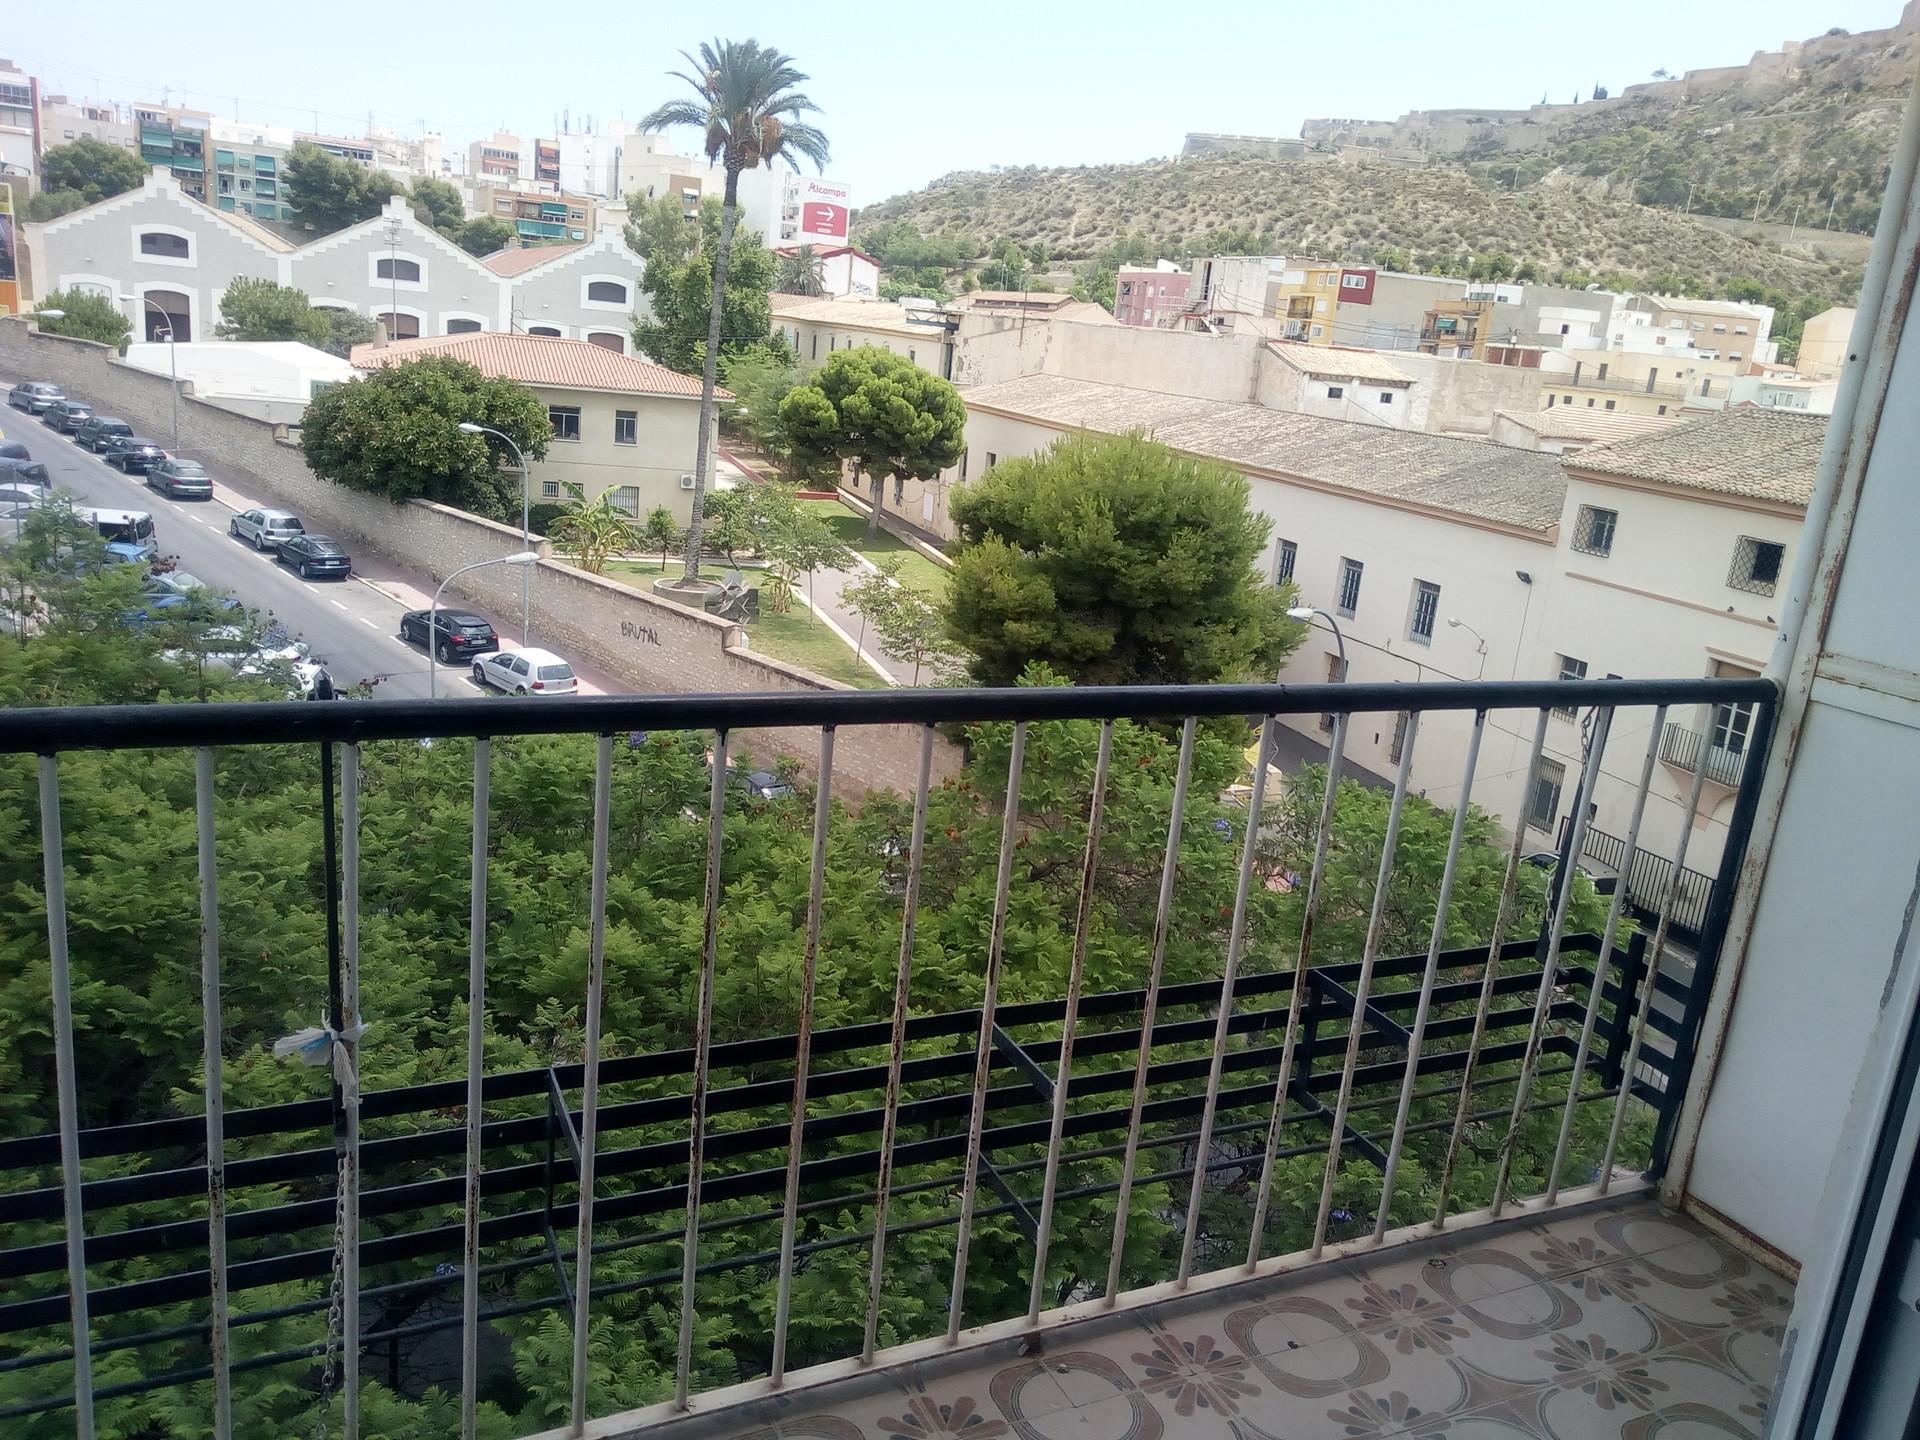 Calle Sevilla, 03012 Alicante, España